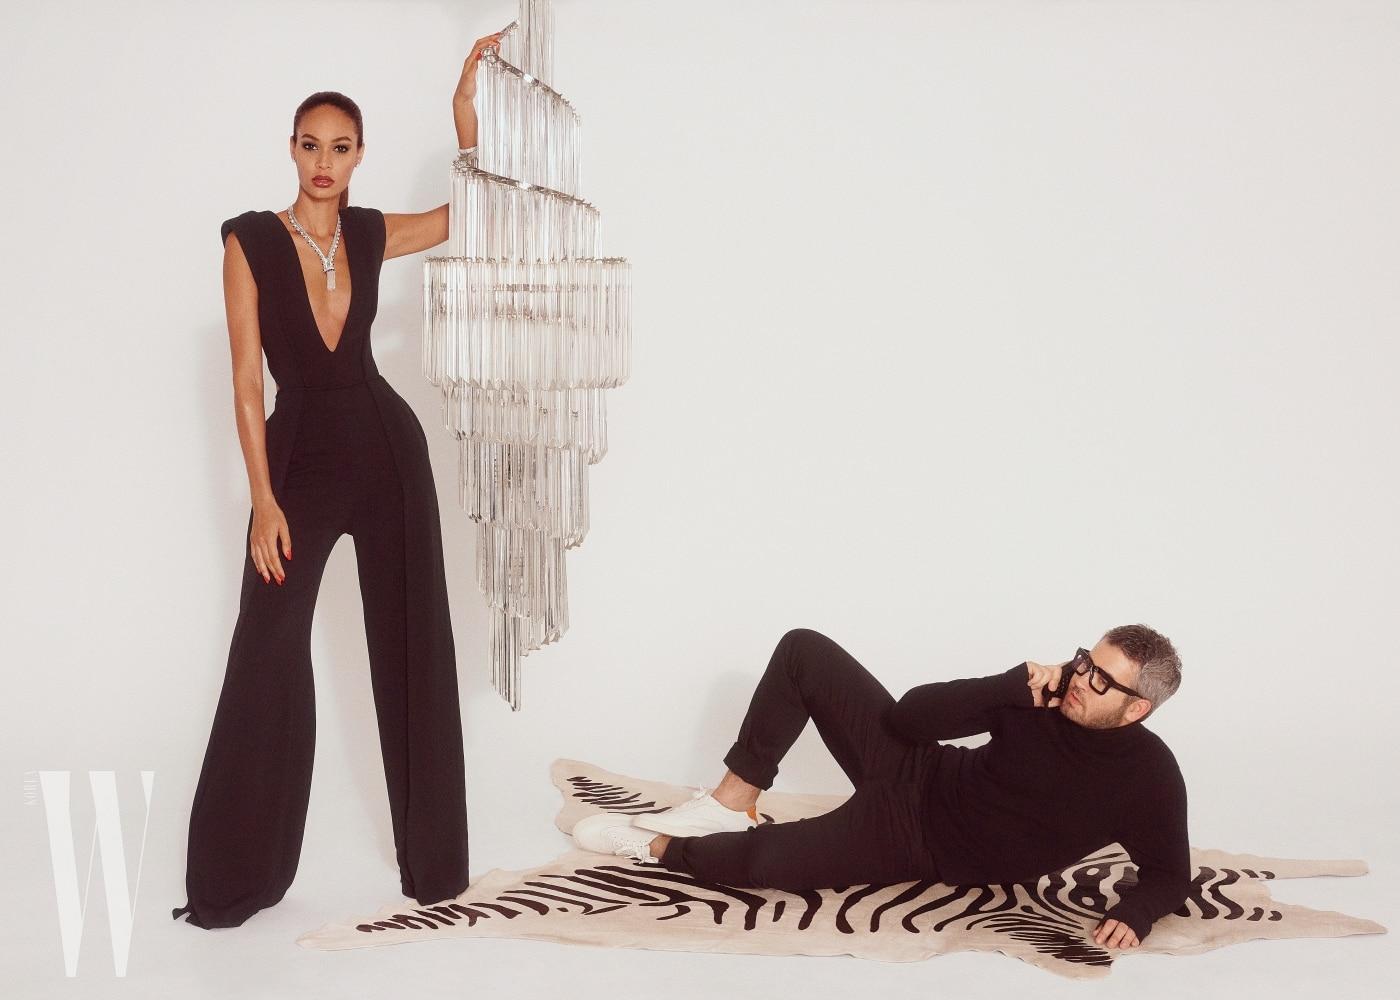 조앤 스몰스가 입은 점프슈트는 맥스웰 브랜든, 귀고리와 목걸이 팔찌는 반 클리프& 아펠 제품.